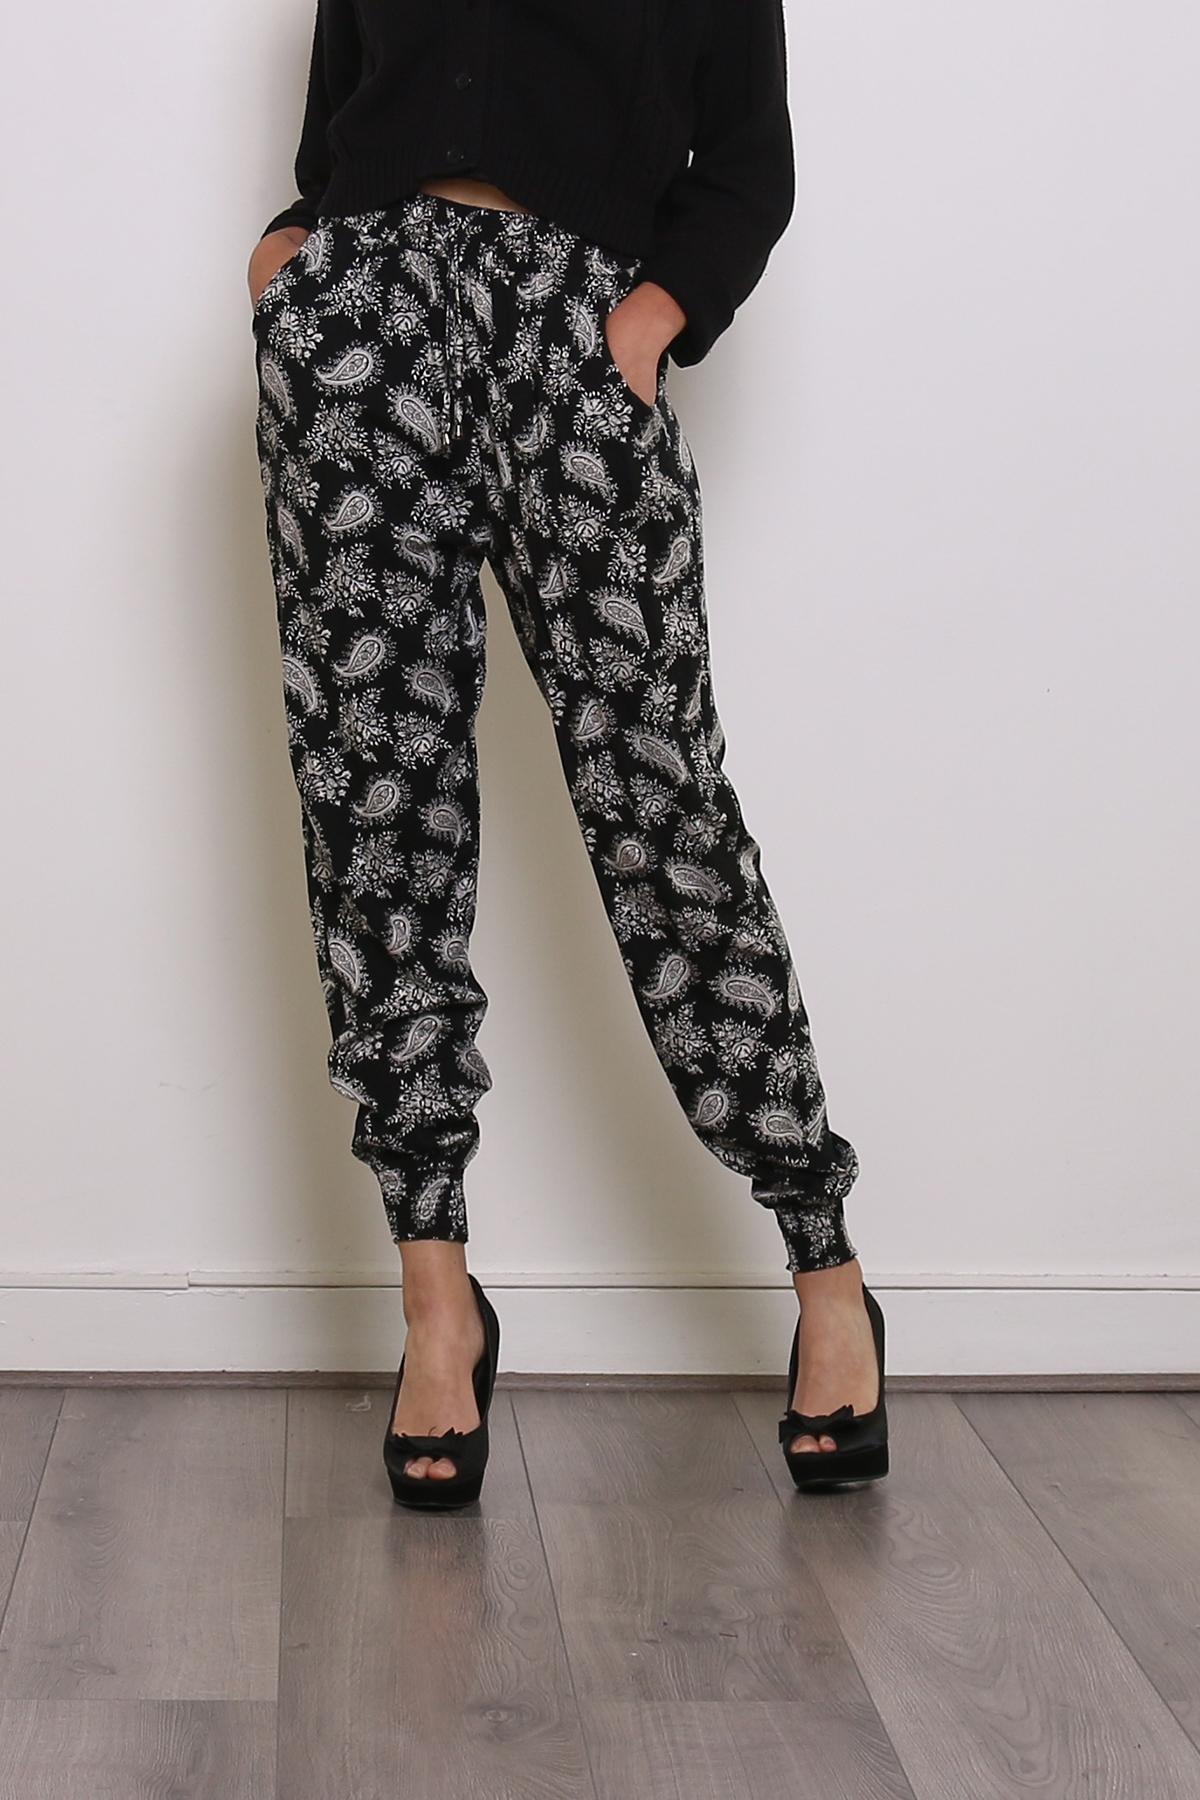 Pantalons Femme Noir CHANA MOD F72 #c eFashion Paris